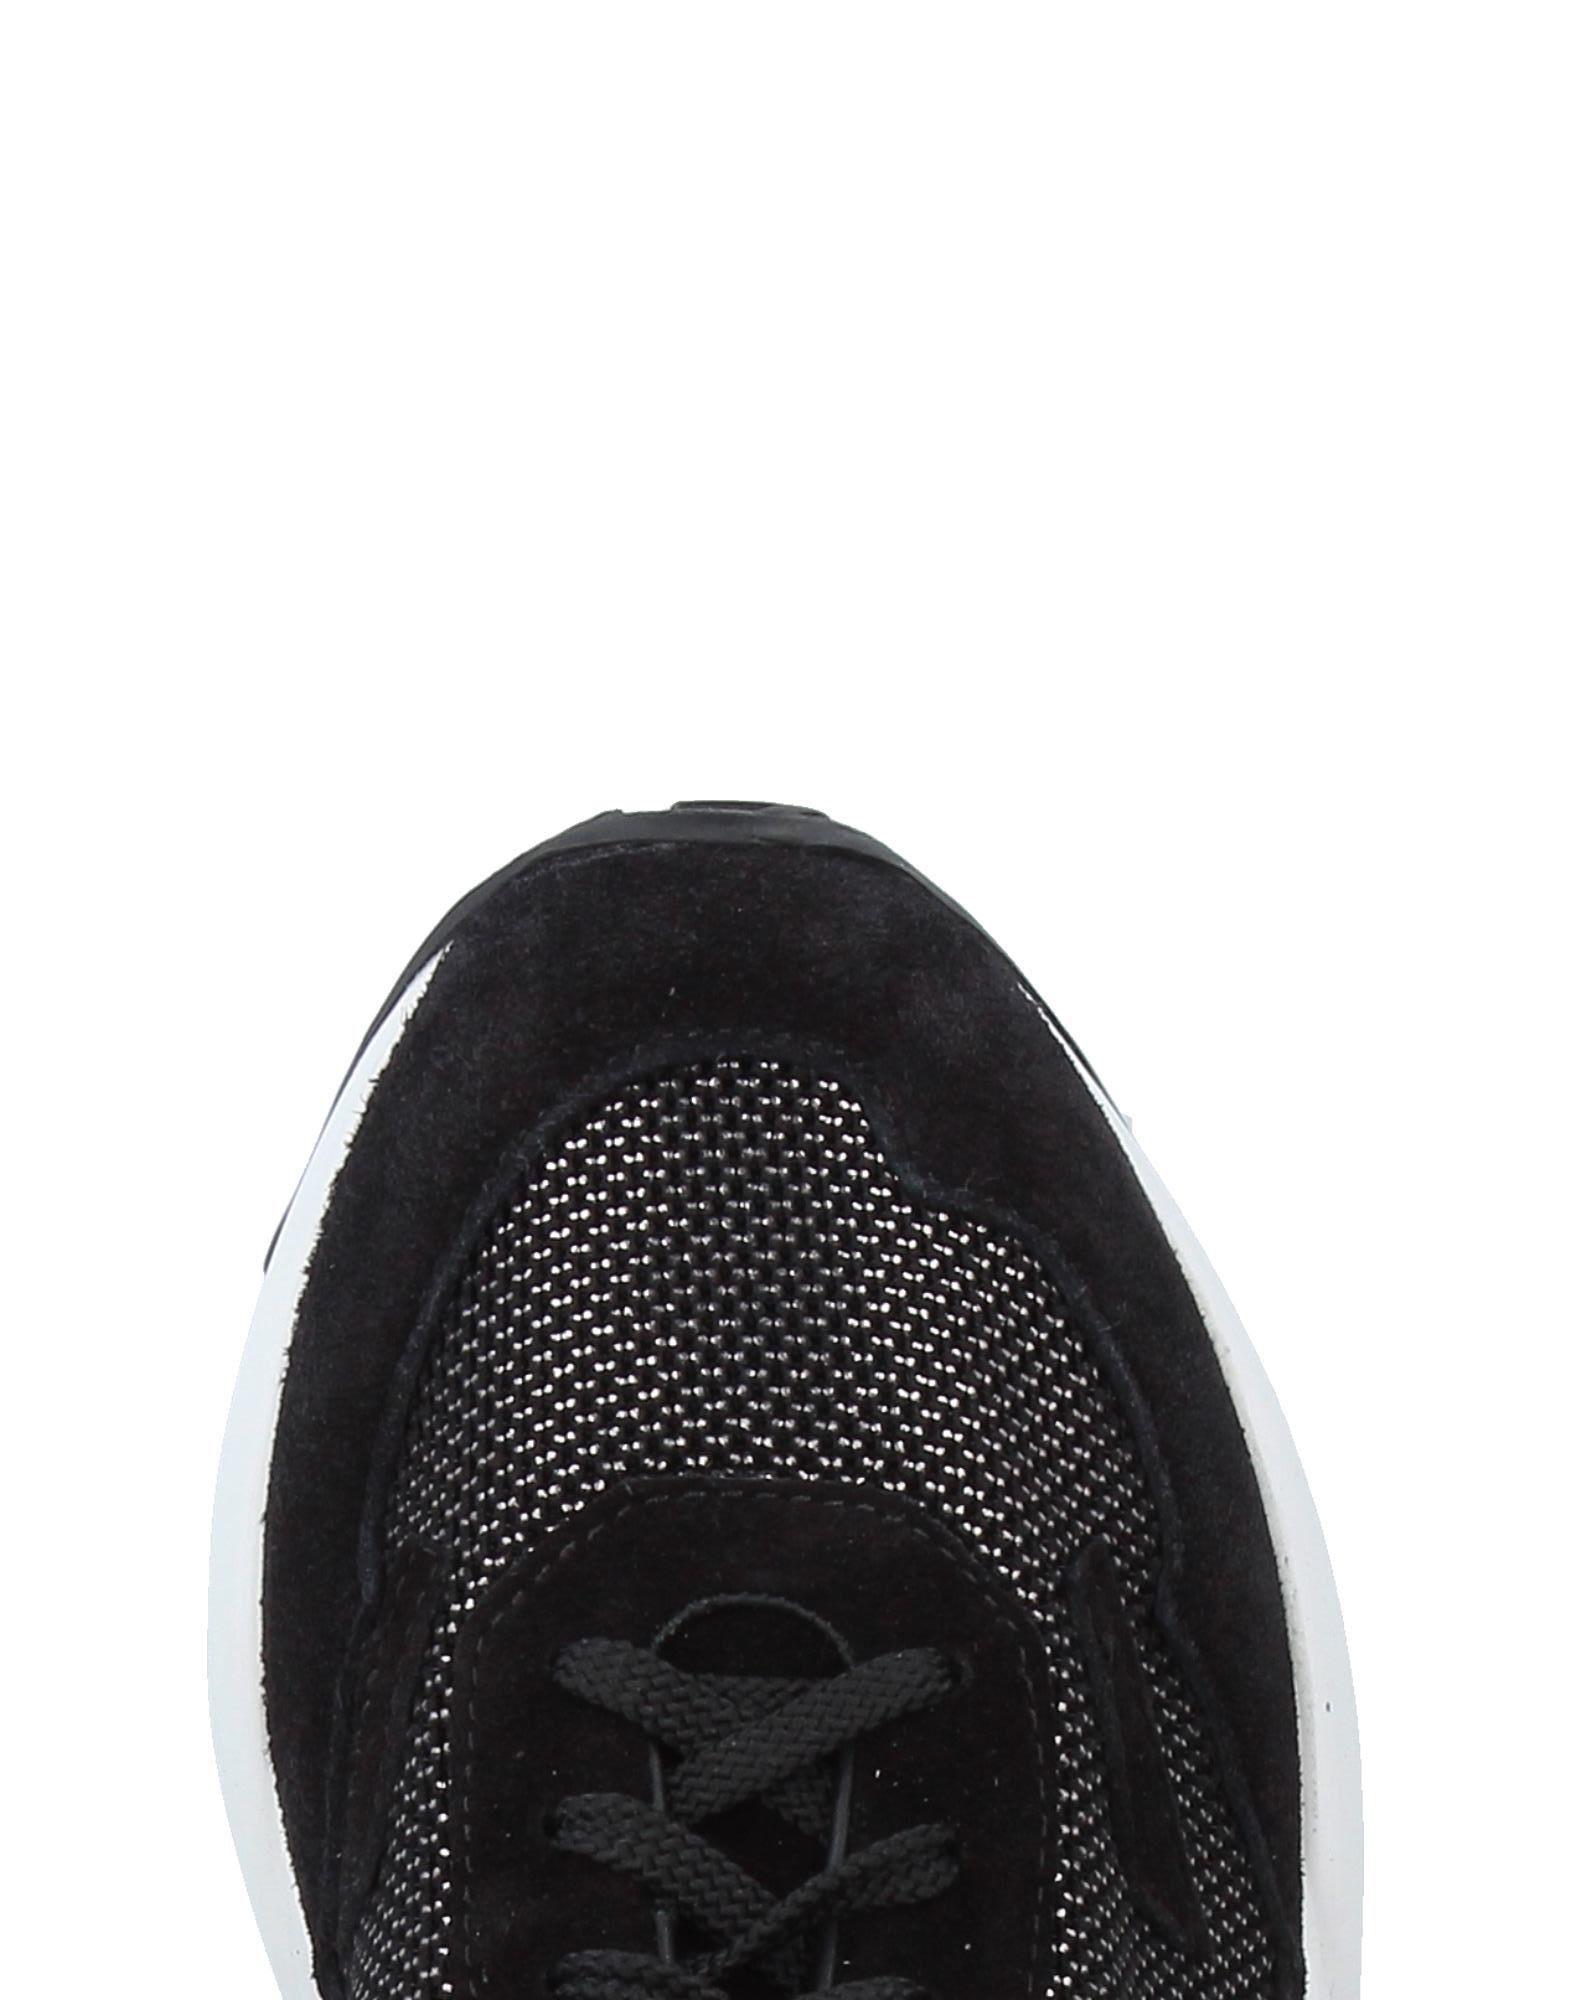 Stilvolle billige Sneakers Schuhe Ruco Line Sneakers billige Damen  11382131XF 28910b